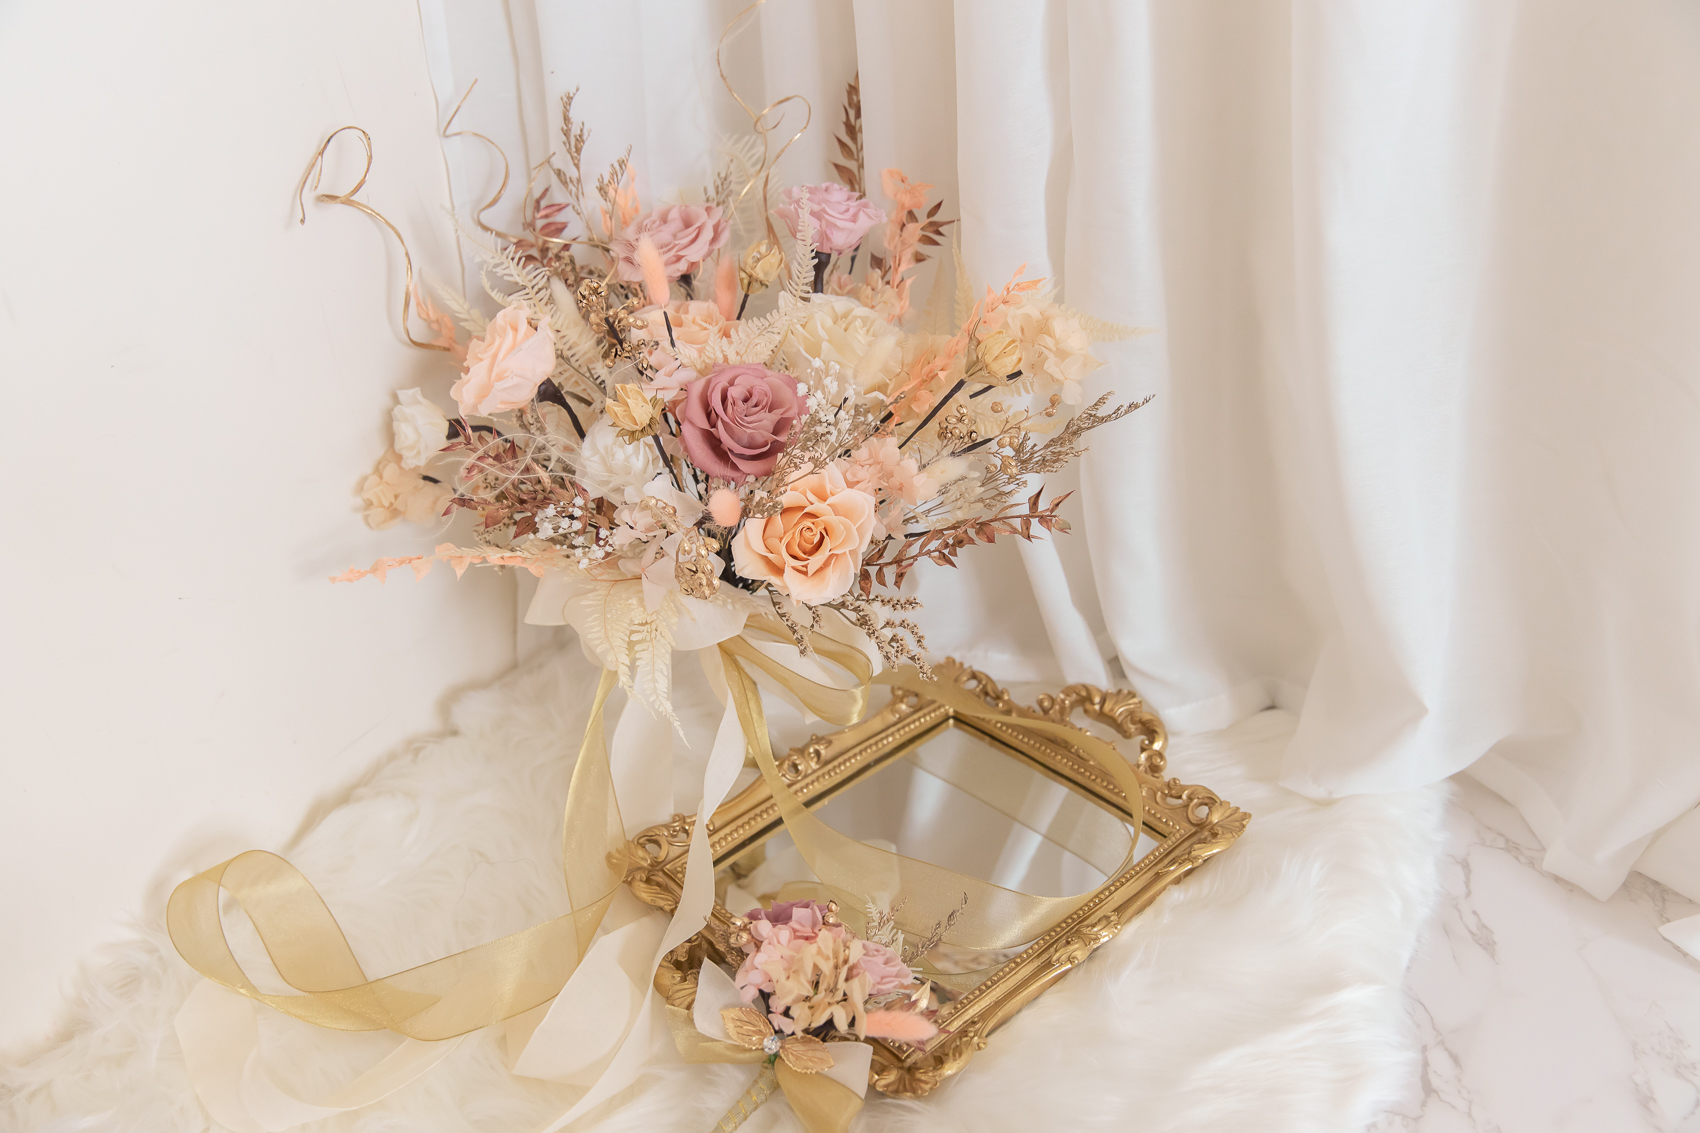 新娘捧花,粉色系捧花,捧花新秘,不凋花捧花,高雄捧花, 高雄永生花, 高雄不凋花